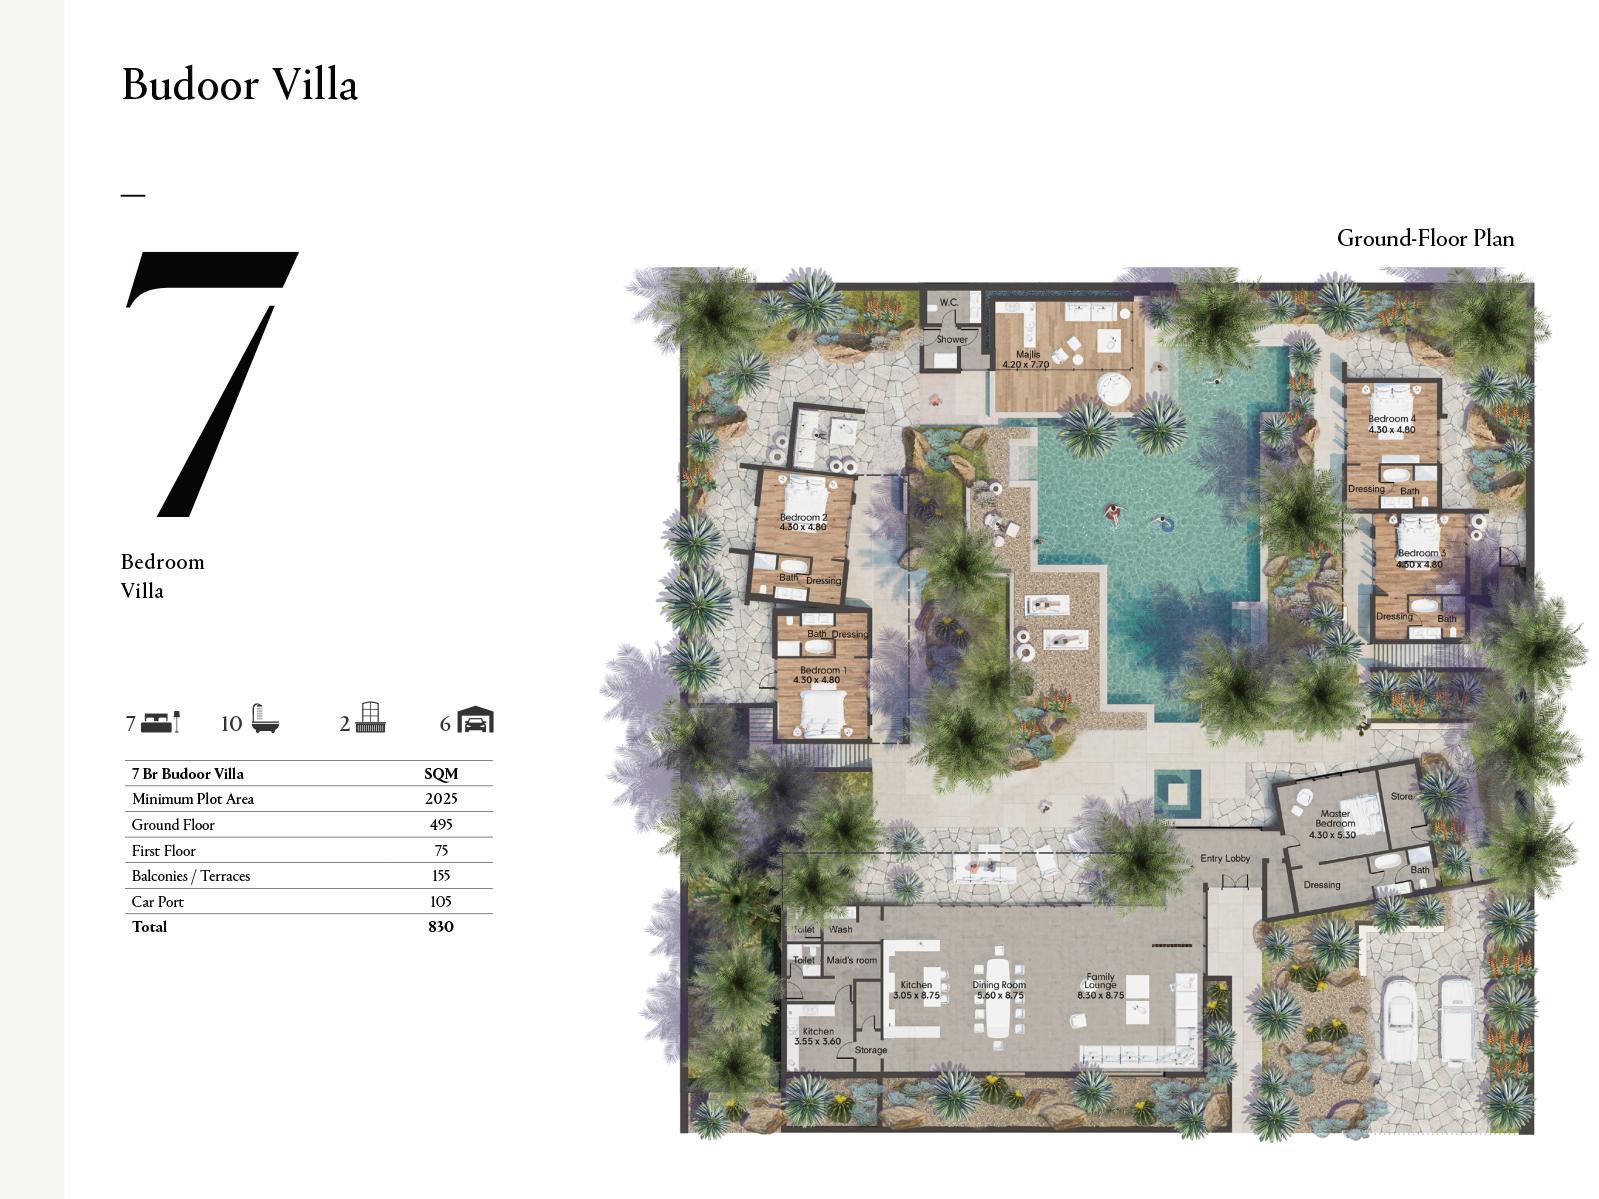 https://drehomes.com/wp-content/uploads/7-Bedroom-Villa-Ground-Floor-830Sqm.jpg